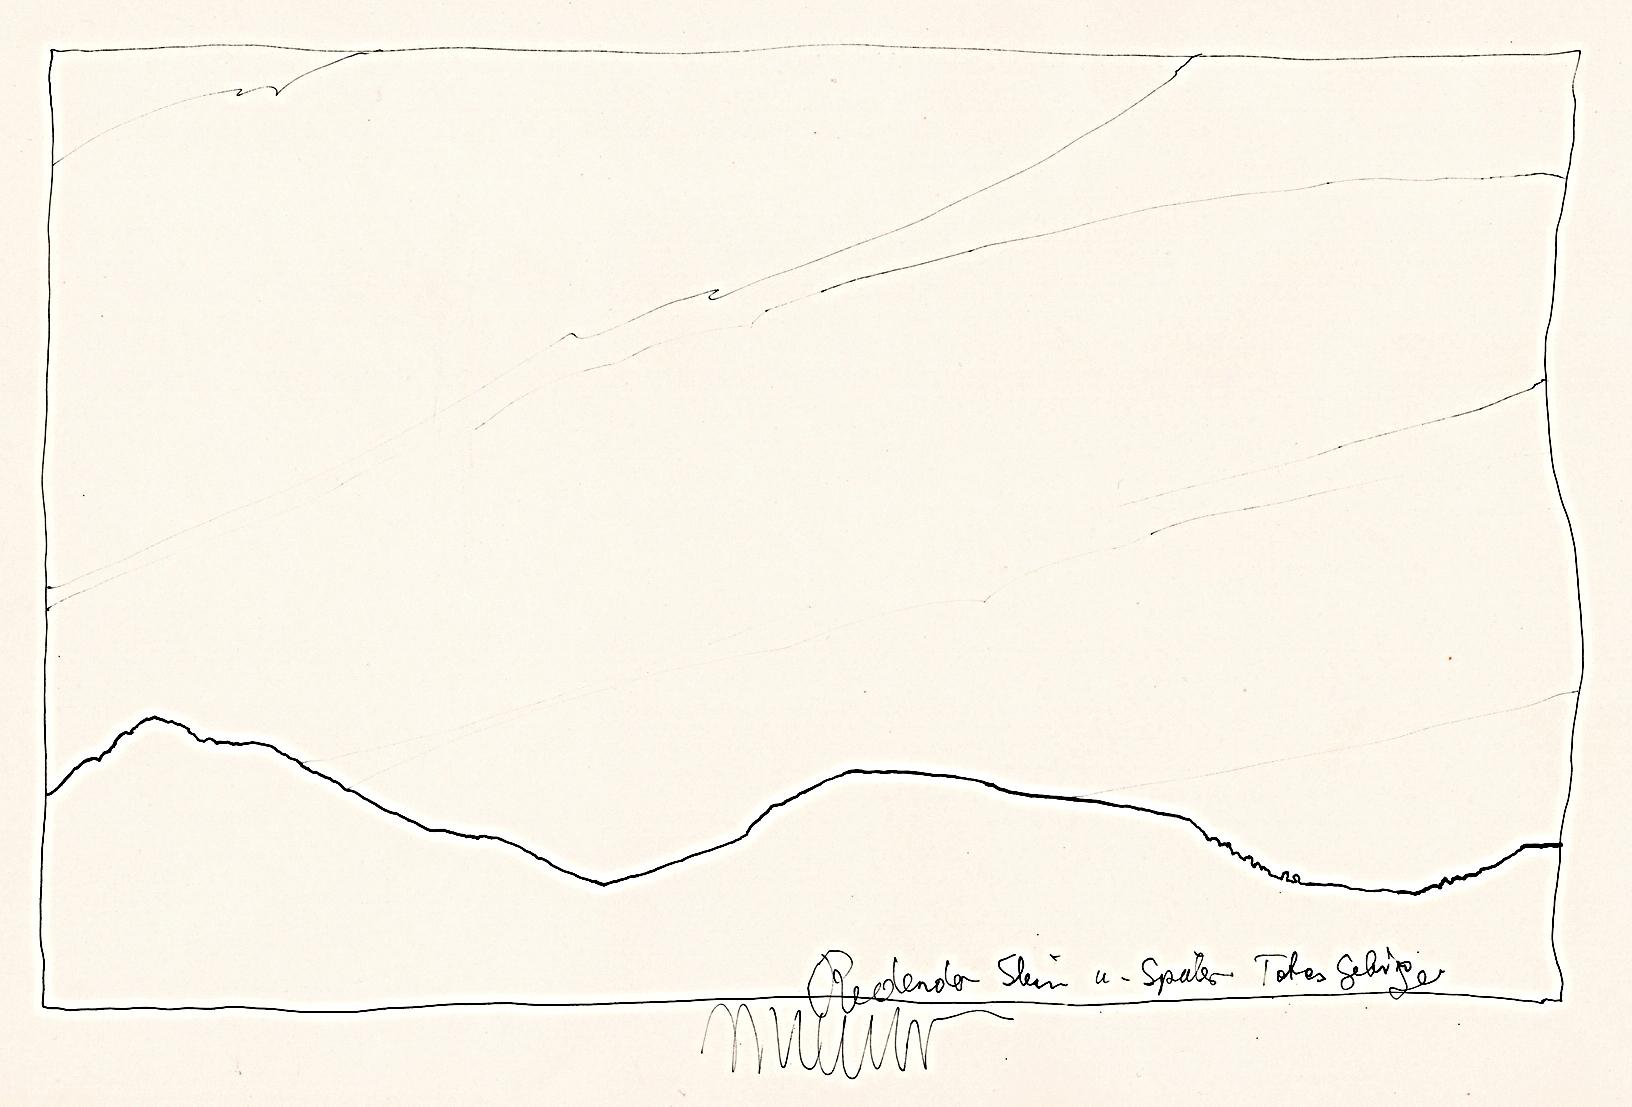 Redender Stein, Totes Gebirge 136, 1987, Stahlfederzeichnung, Tusche auf Papier, 28 x 42 cm © Josef Taucher